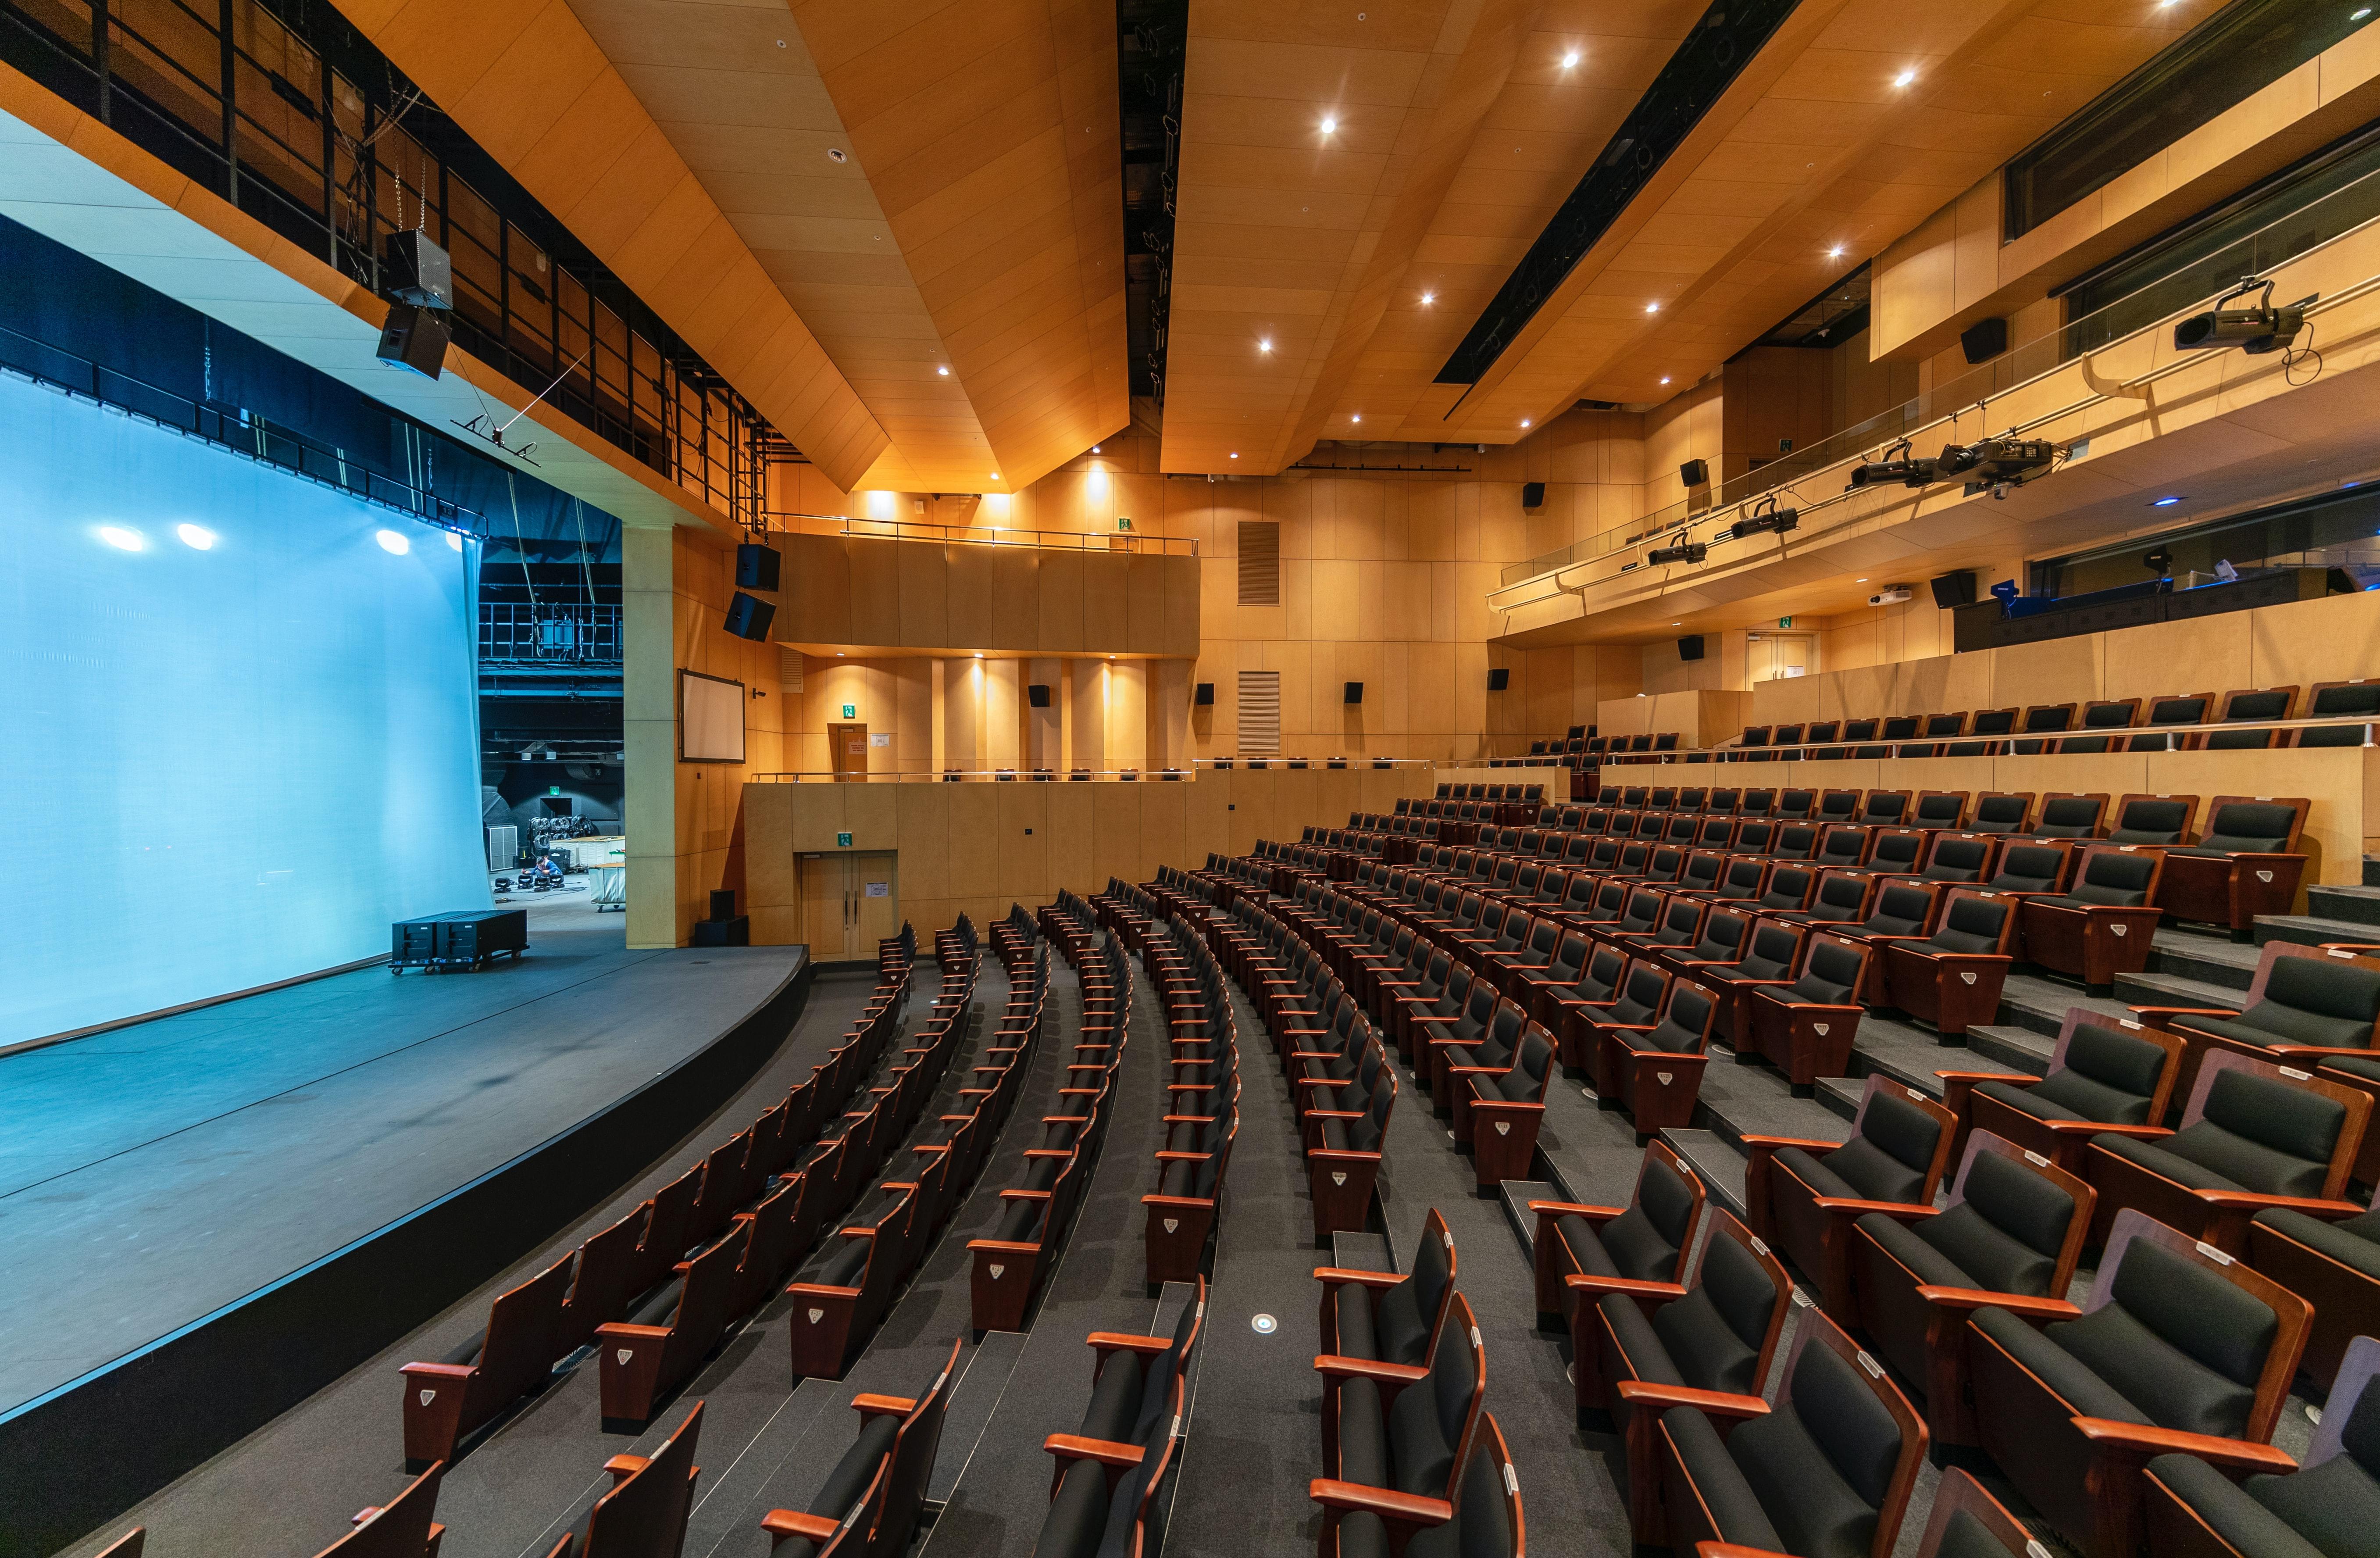 sala de conferencias.jpg